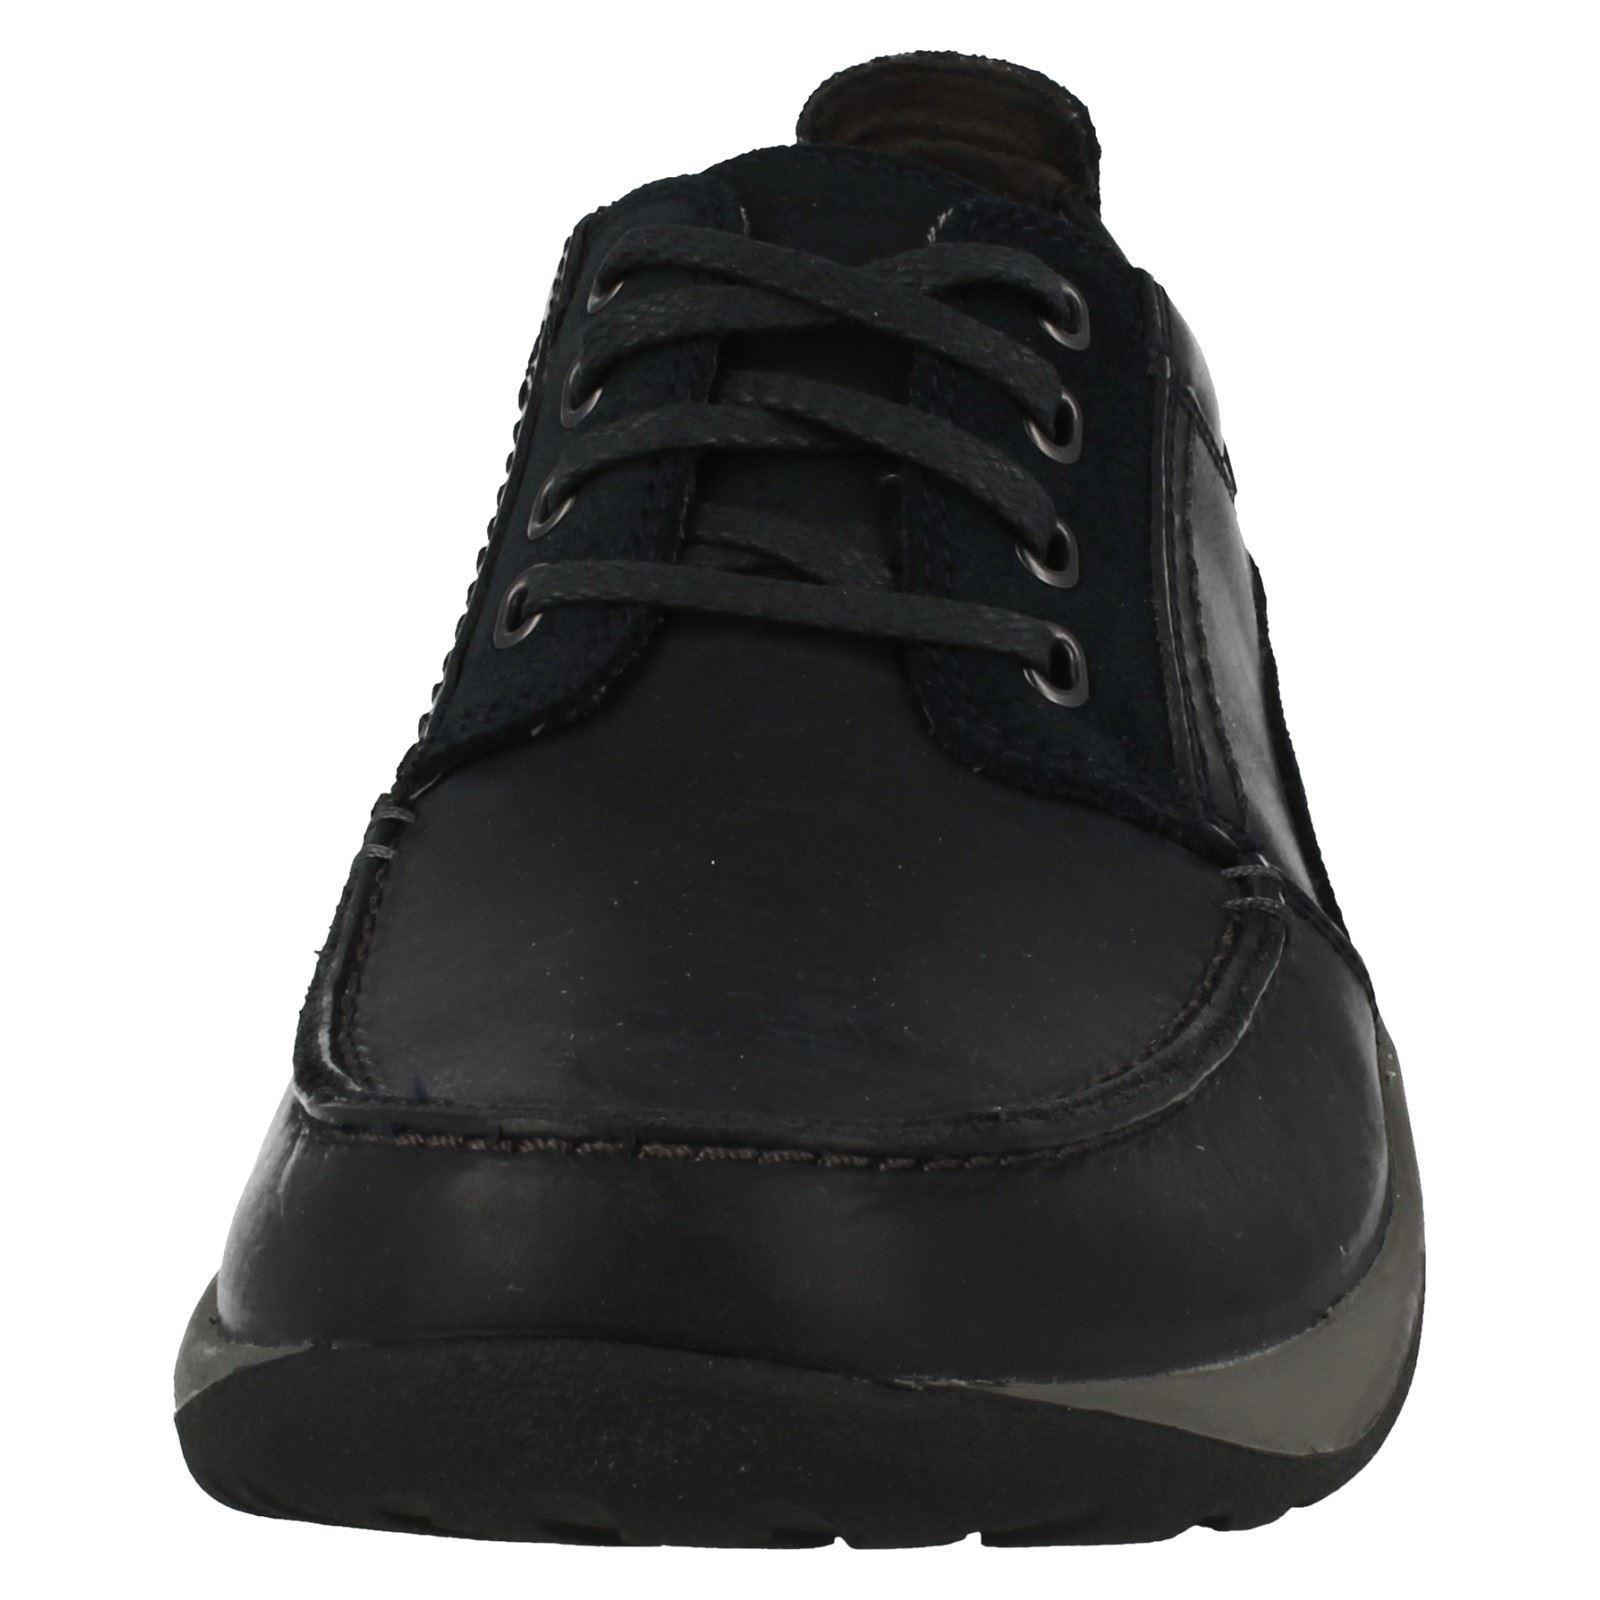 uomo-CLARKS-PELLE-scarpe-casual-con-lacci-ITINERARIO-passeggiata